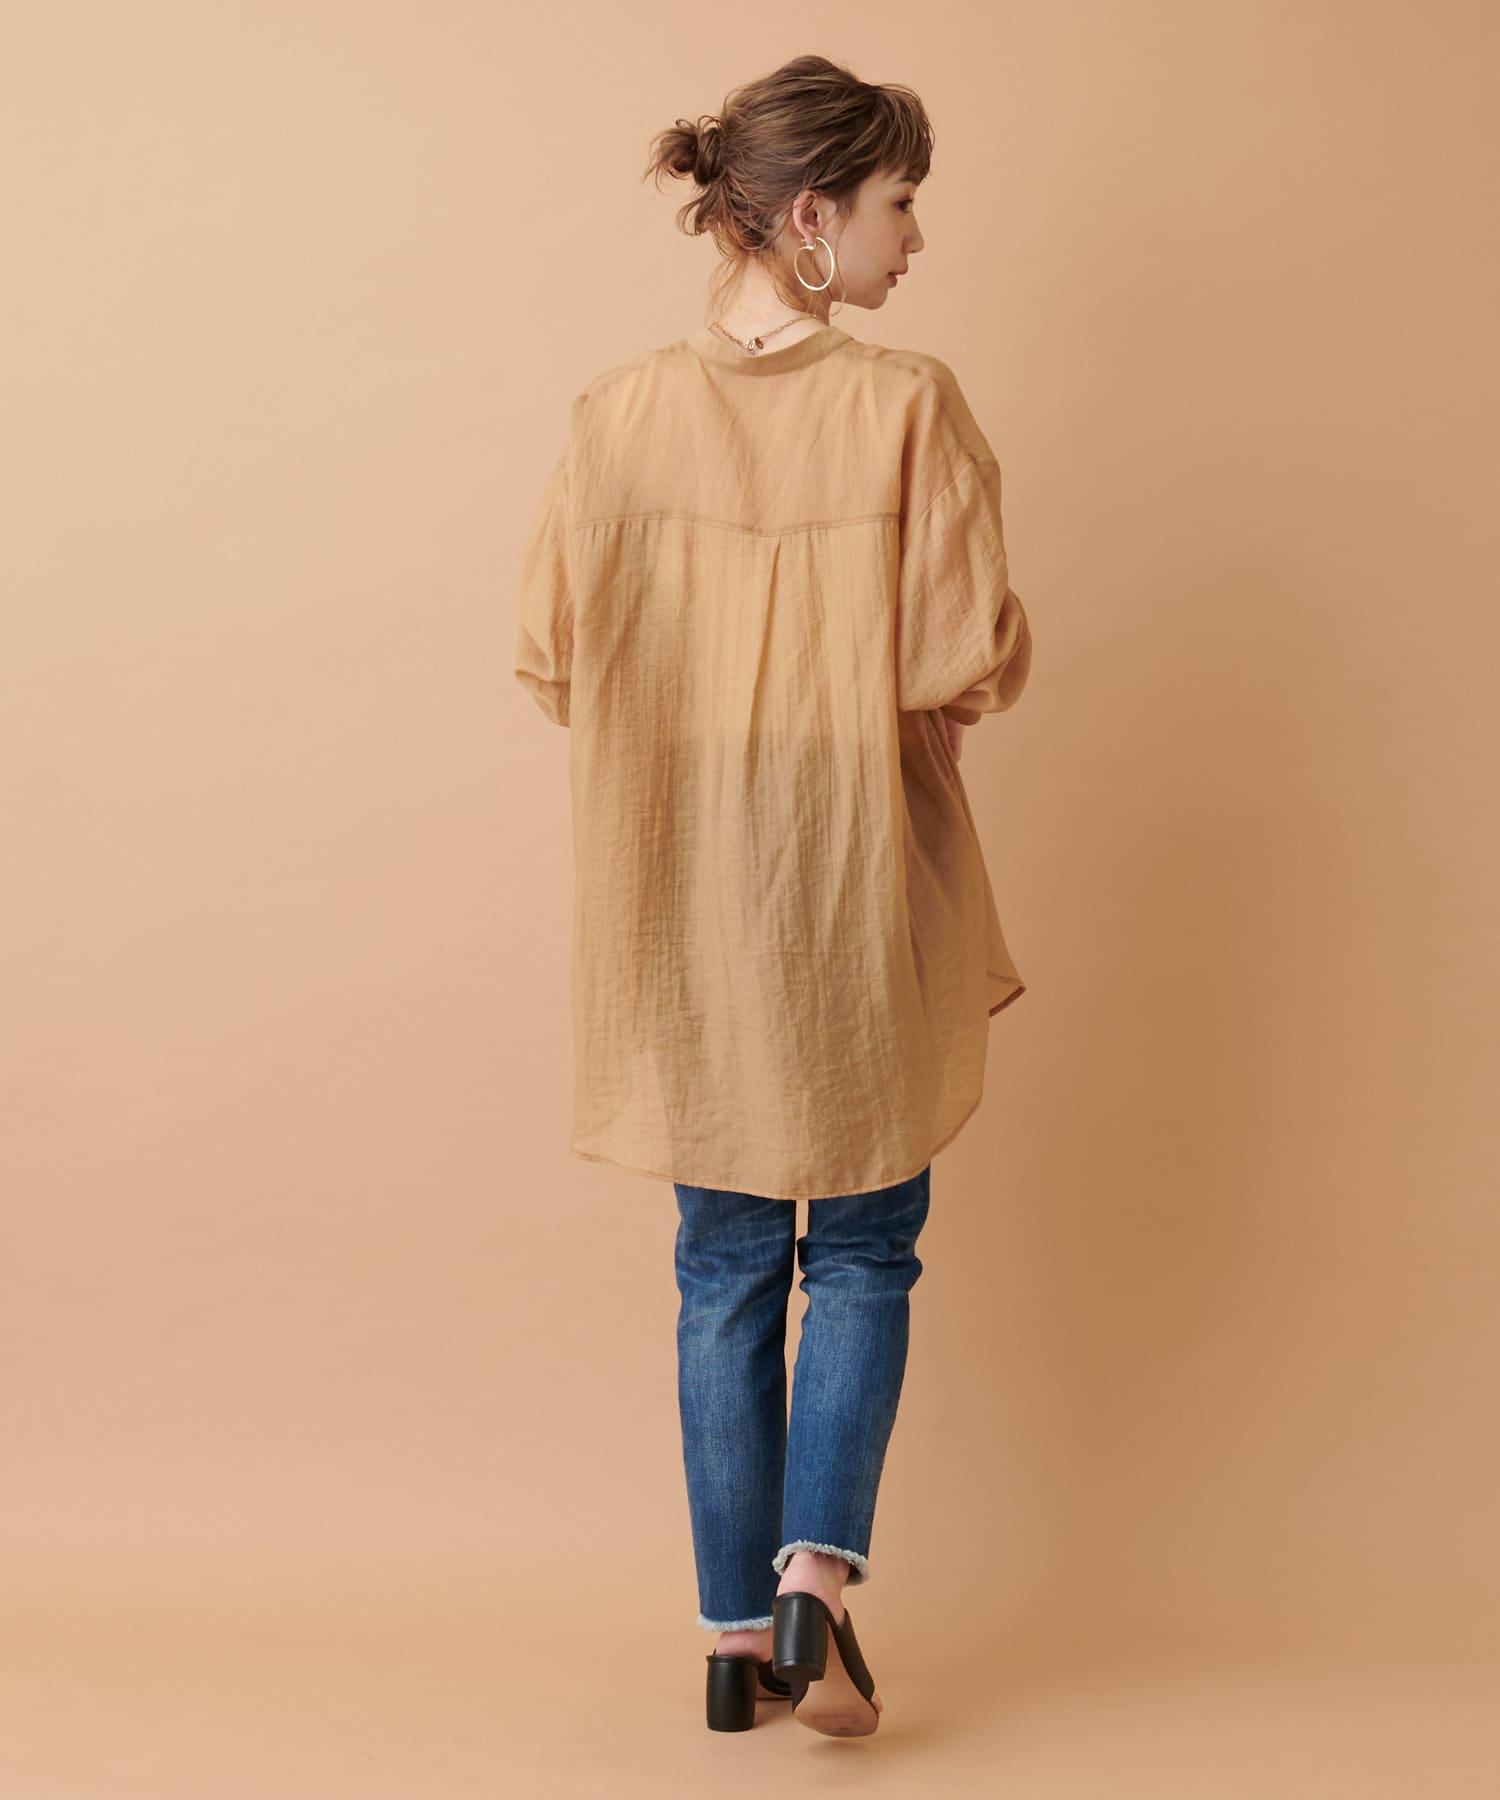 COLLAGE GALLARDAGALANTE(コラージュ ガリャルダガランテ) 【透け感を楽しむ】シアーポケットシャツ